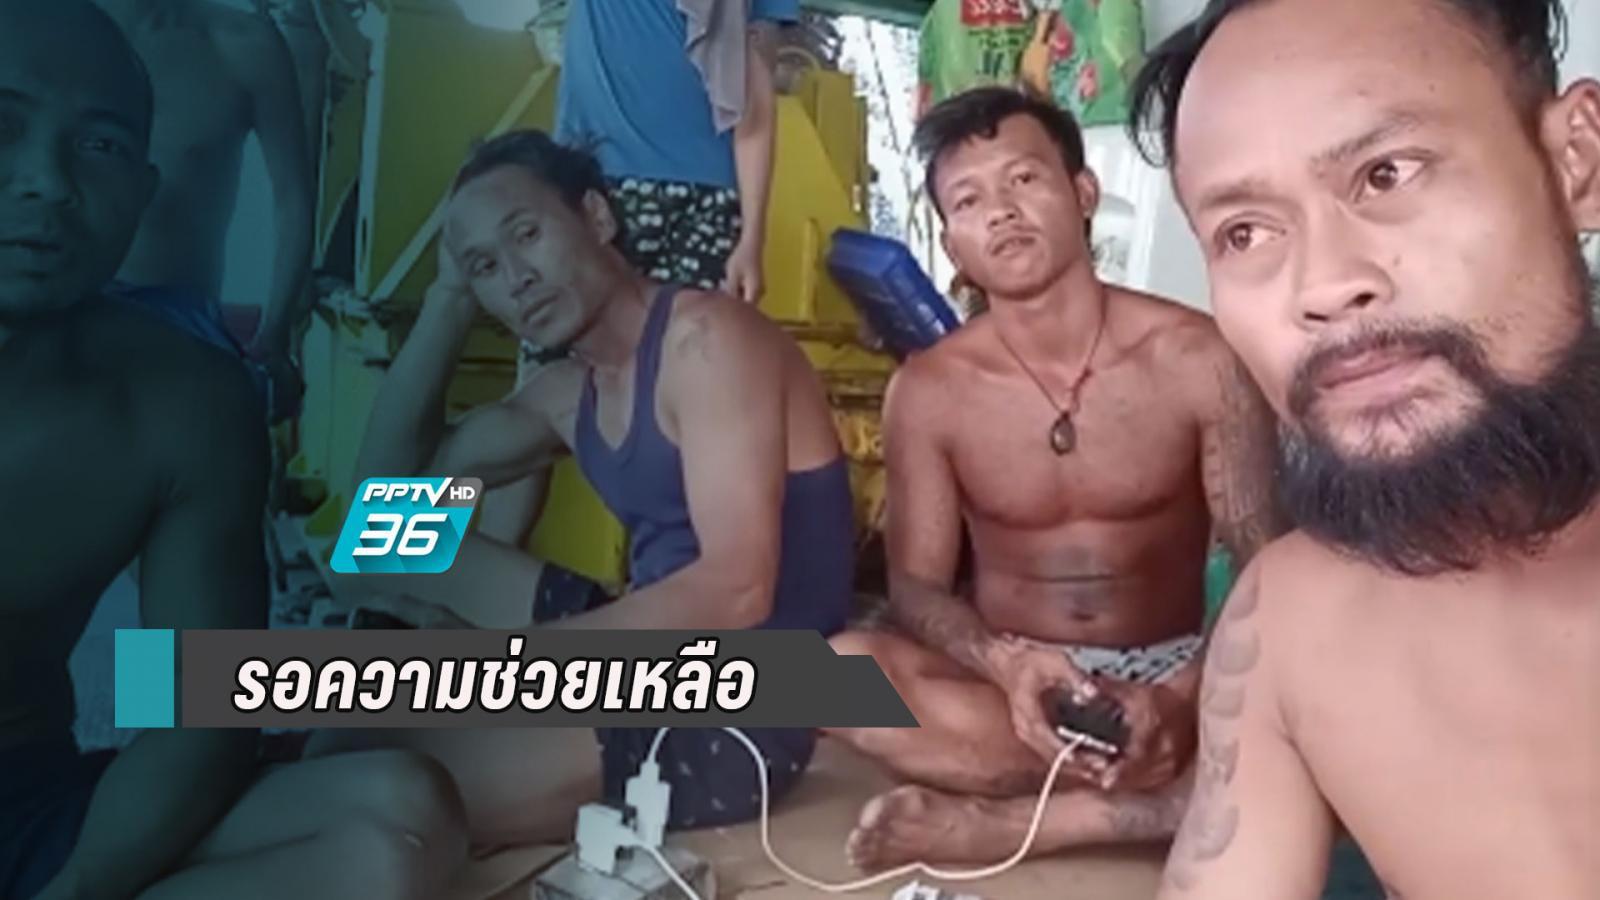 เปิดคลิปแรงงานประมงไทย ถูกนายจ้างลอยแพที่โซมาเลีย